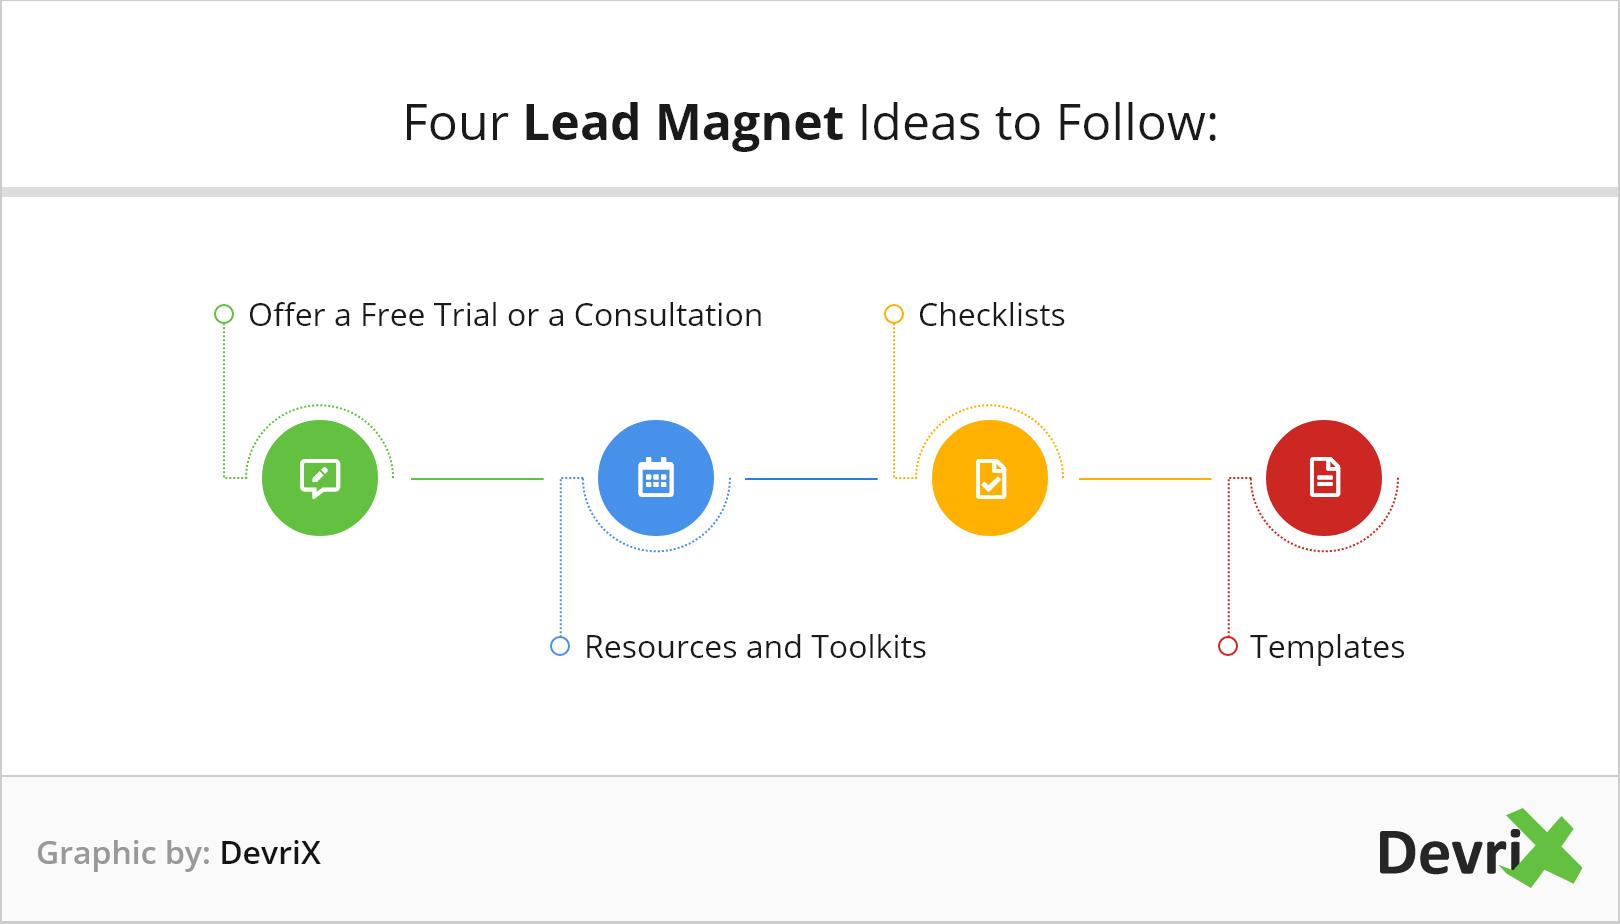 Four lead magnet ideas